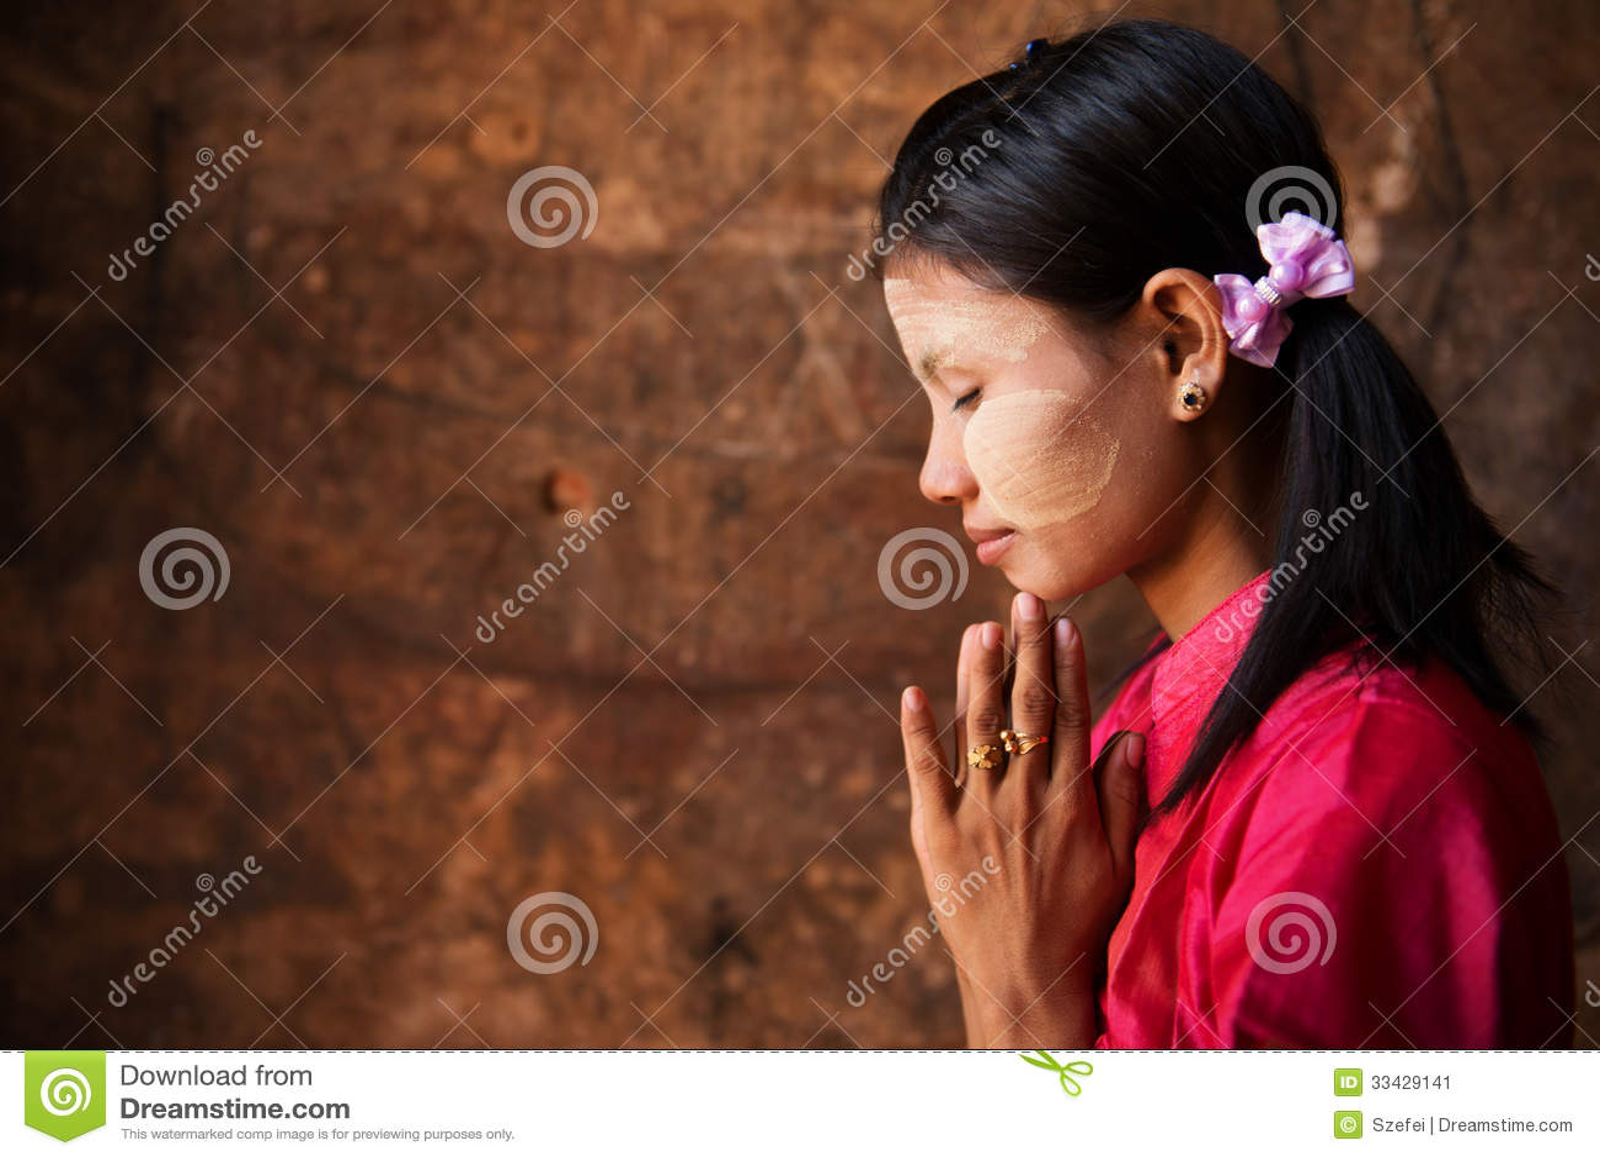 Бирманские девушки фото